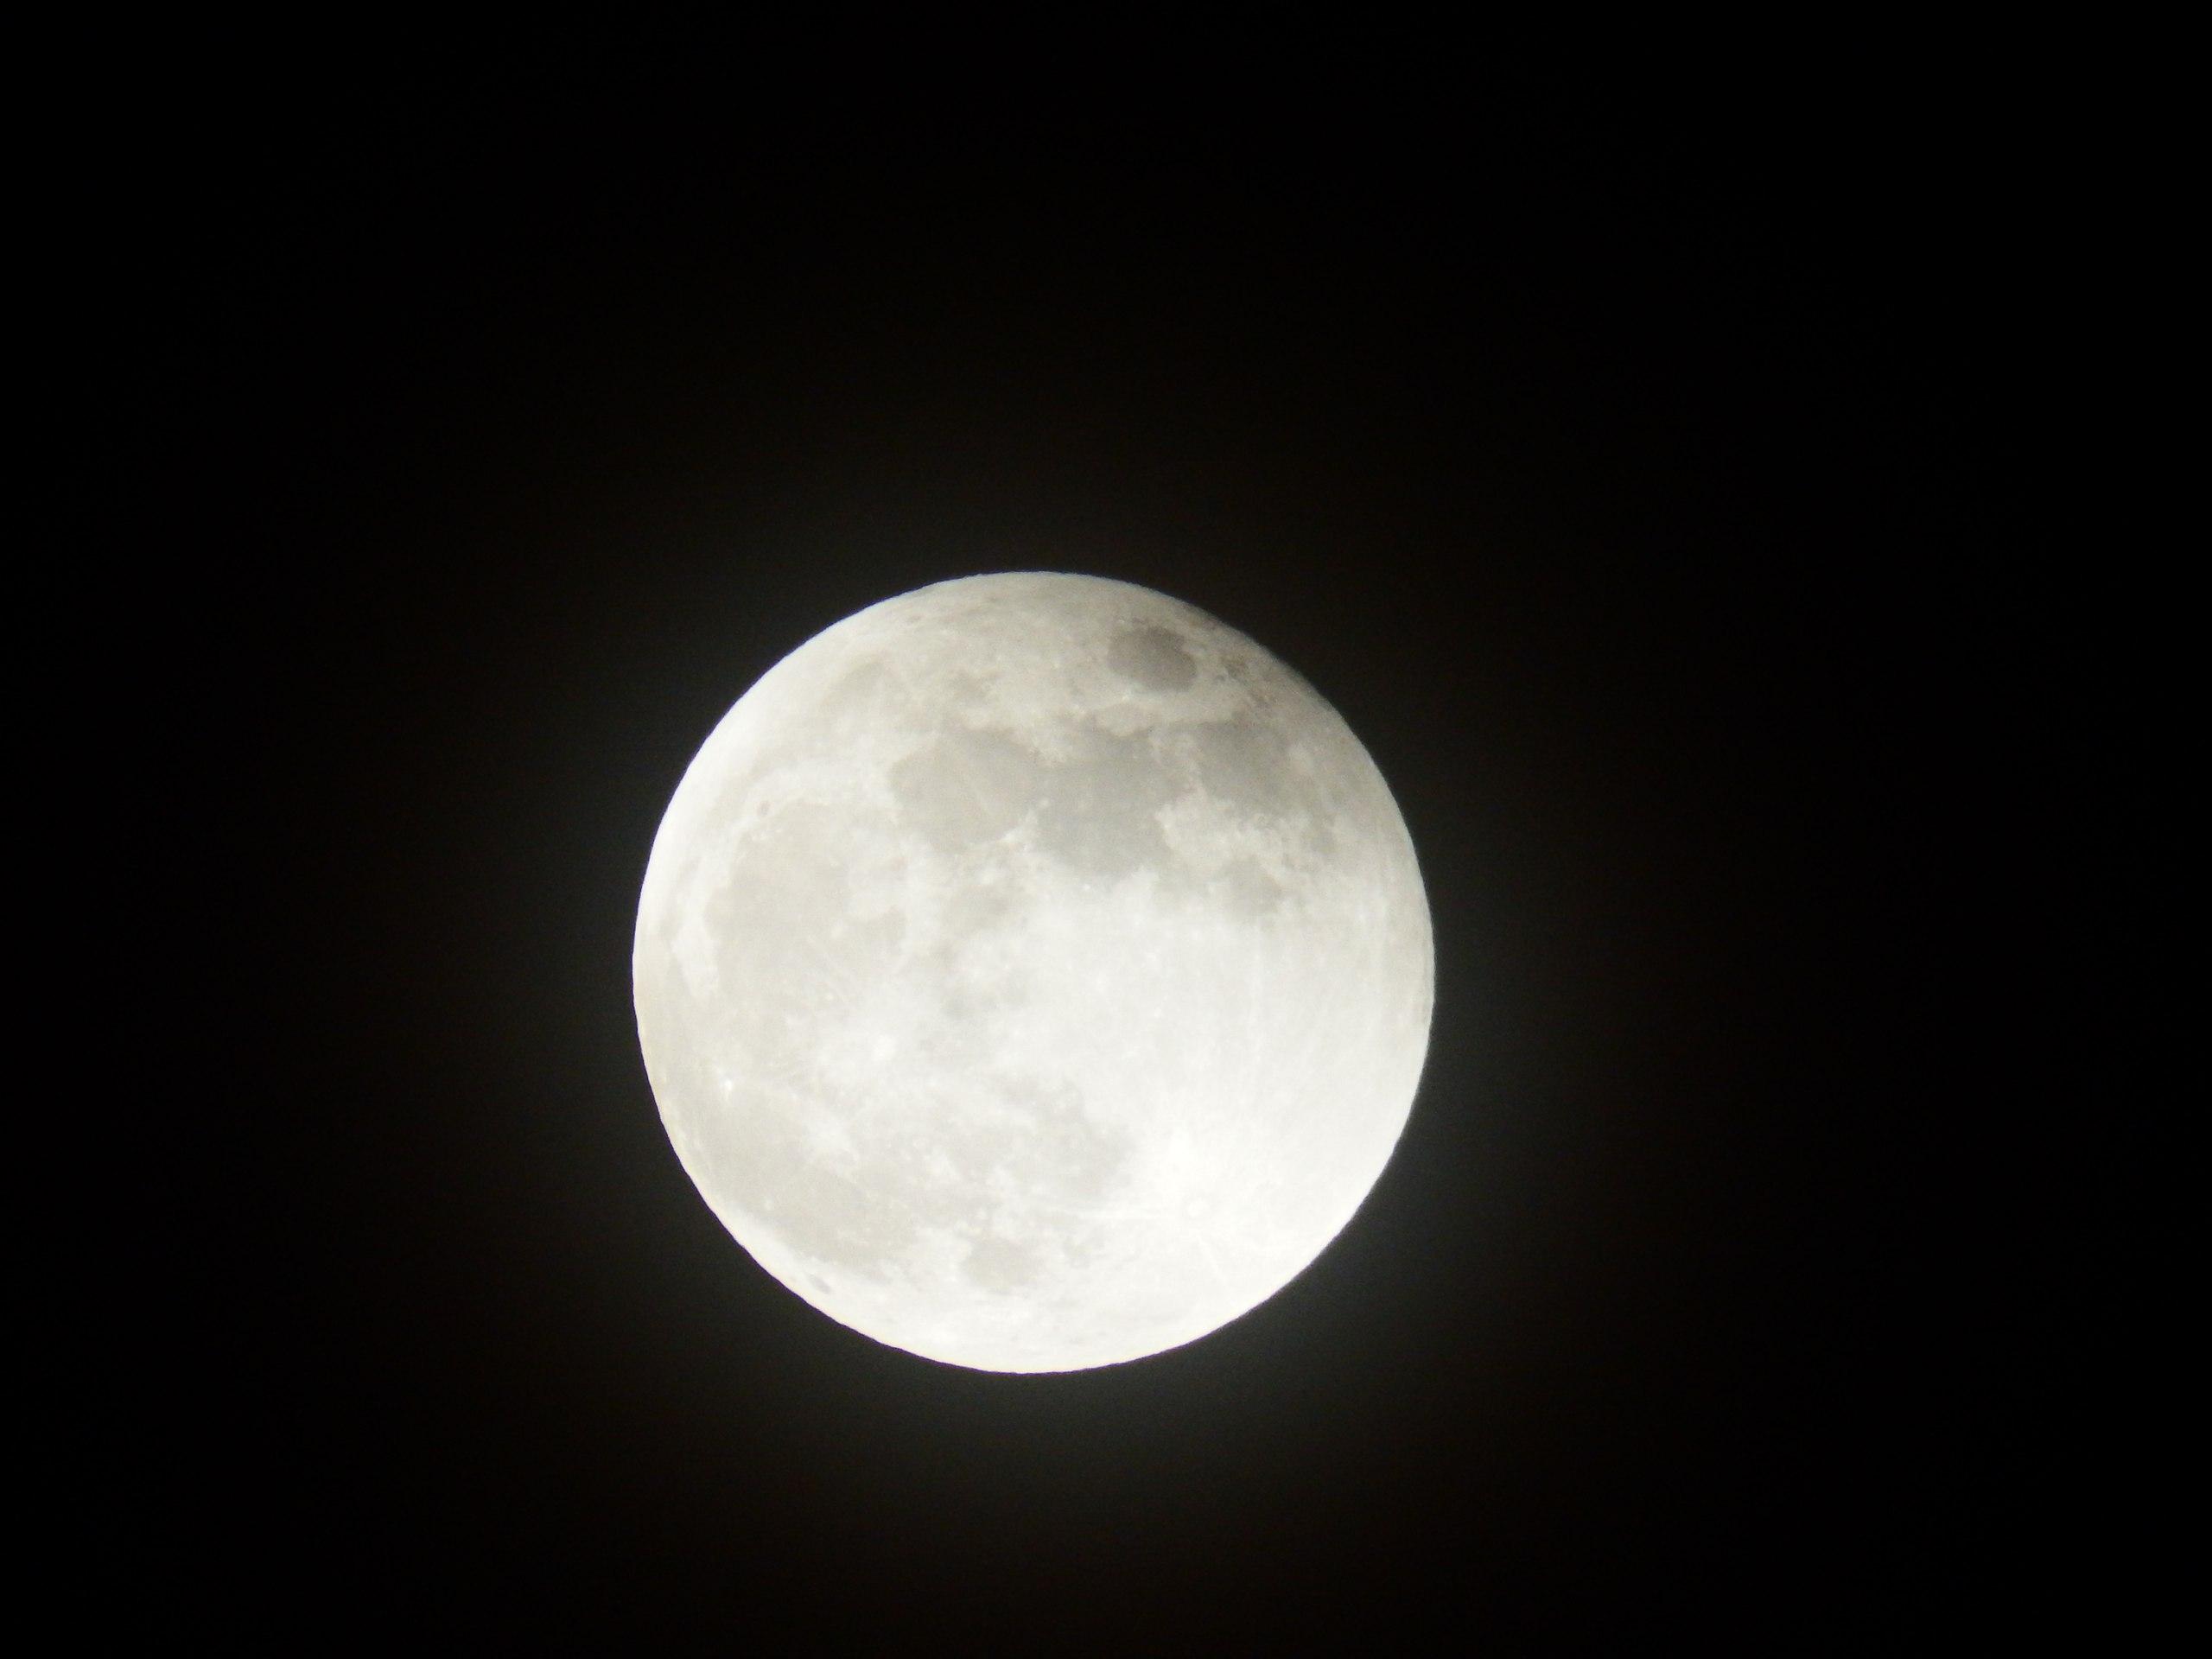 ван лунное затмение сегодня фото хорошо, все-таки